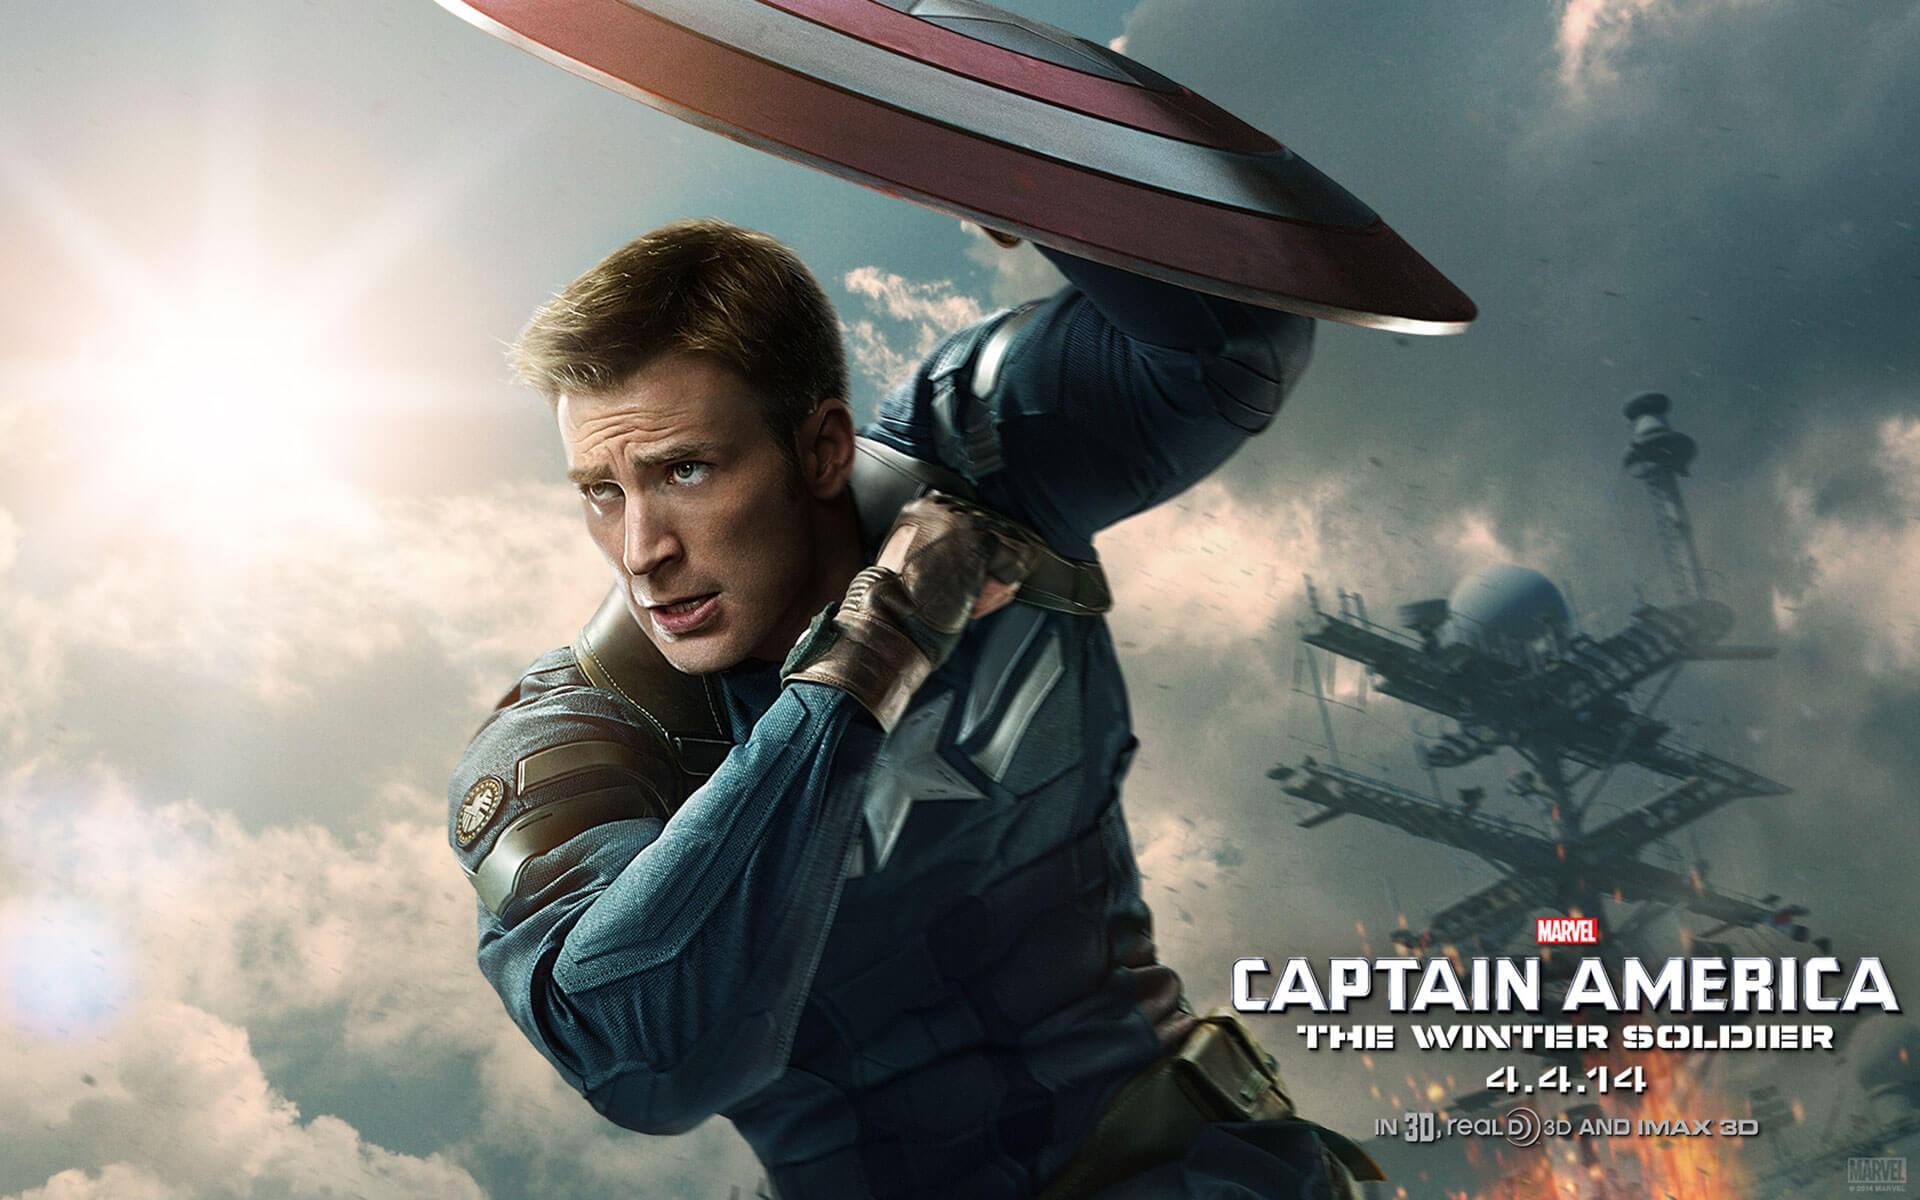 """「キャプテン・アメリカ ウィンター・ソルジャー」""""Captain America The Winter Soldier""""(2014)"""